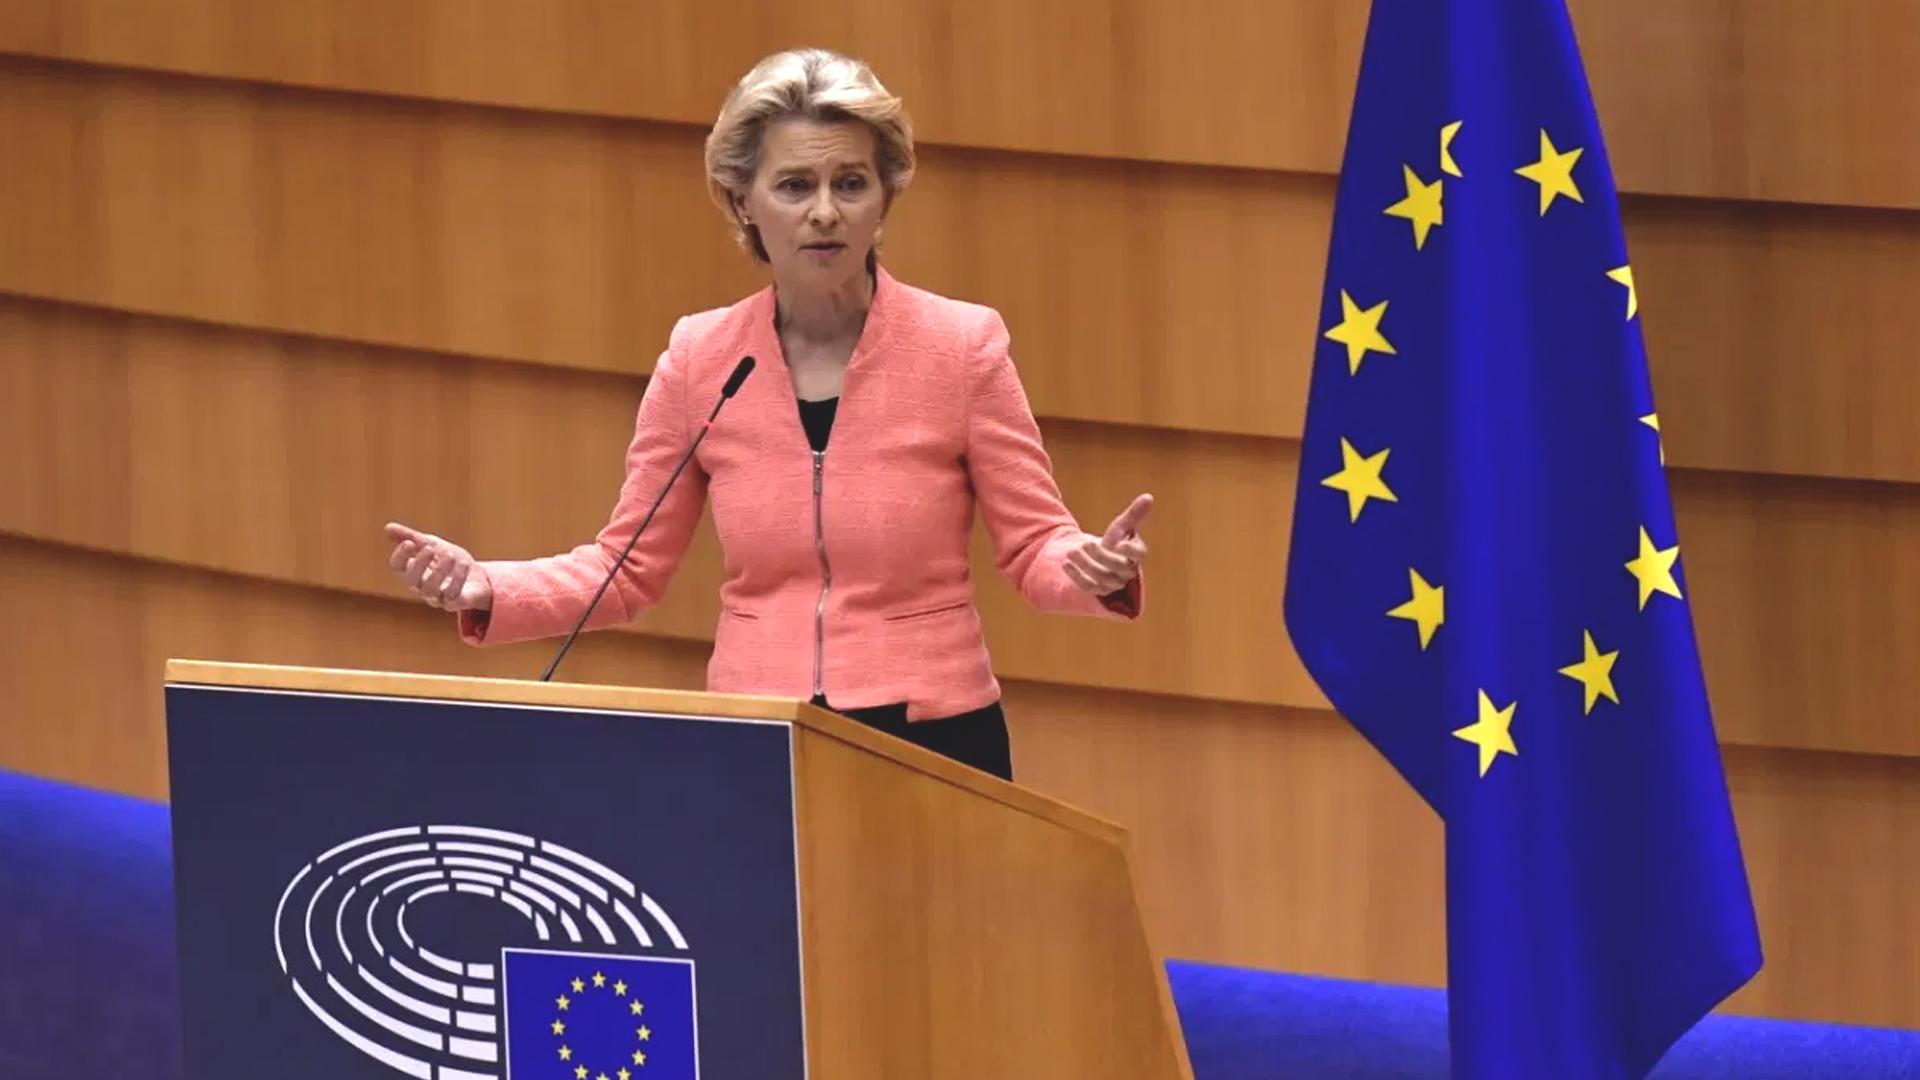 Stato Unione 2020: il discorso di Ursula von der Leyen